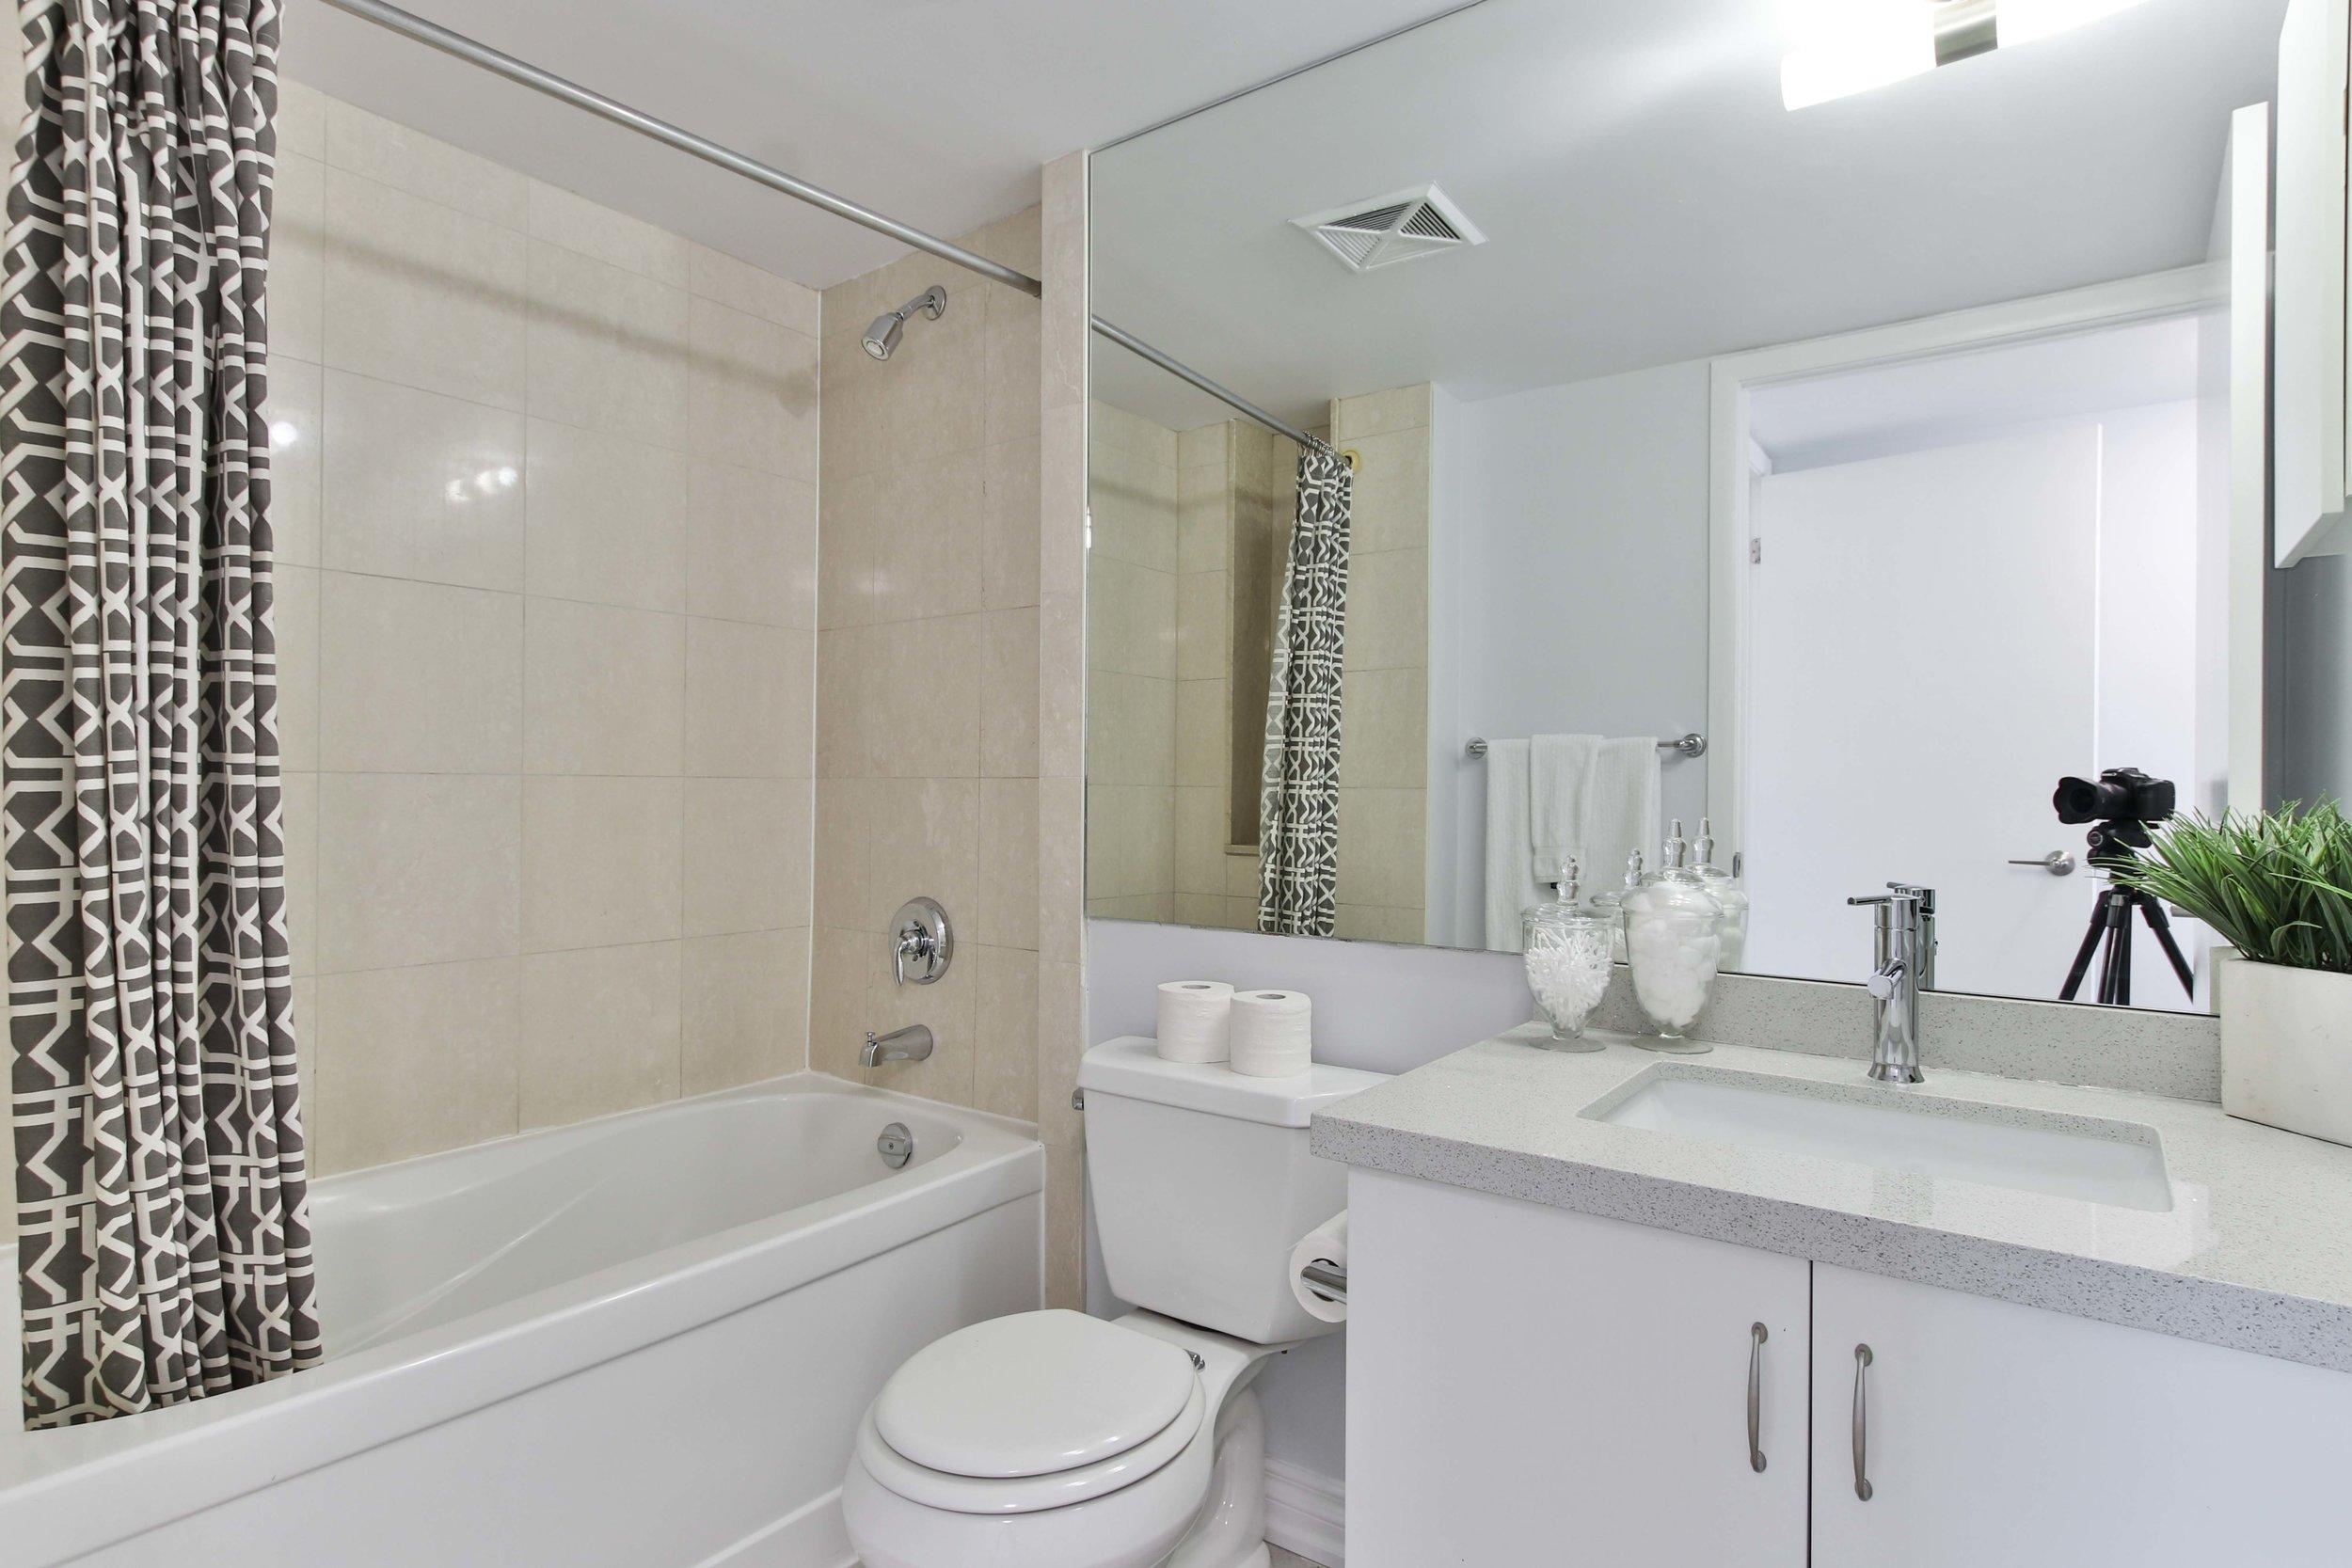 25_Washroom.jpg